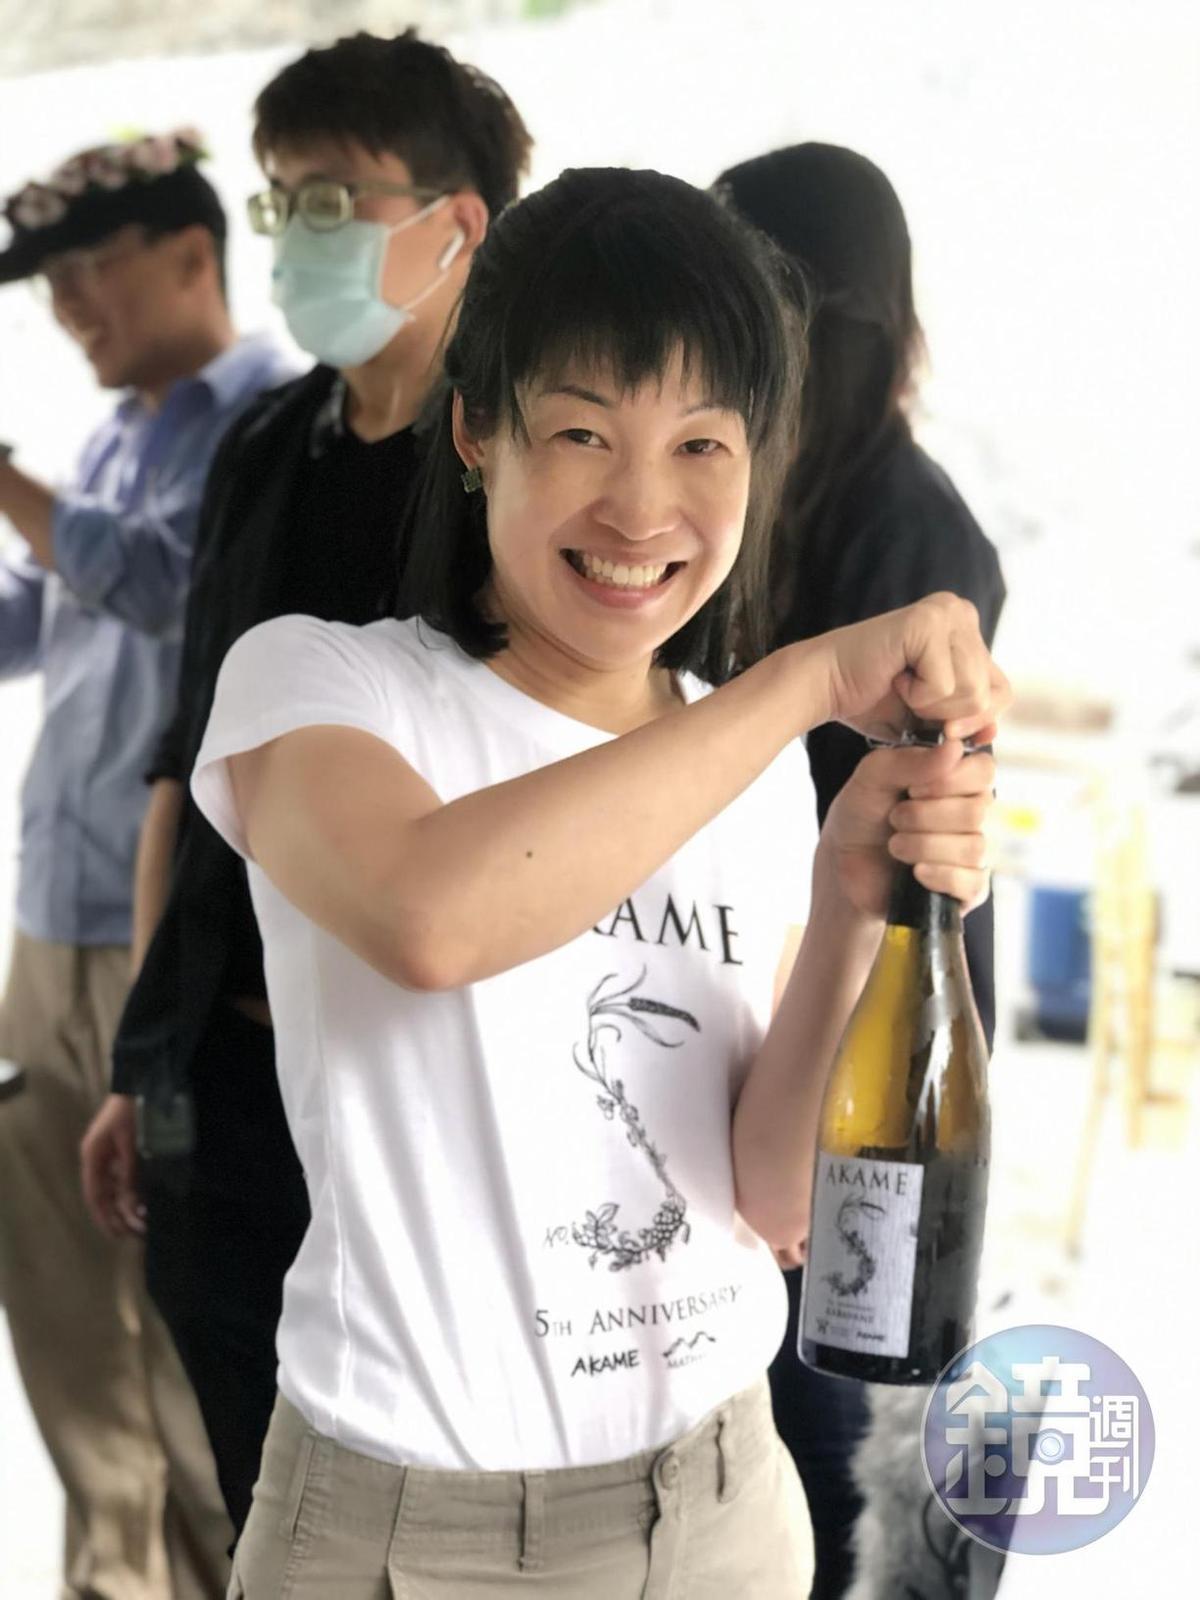 楊仁亞喜歡挑戰各種類型的葡萄酒形式,樂於跨界合作。